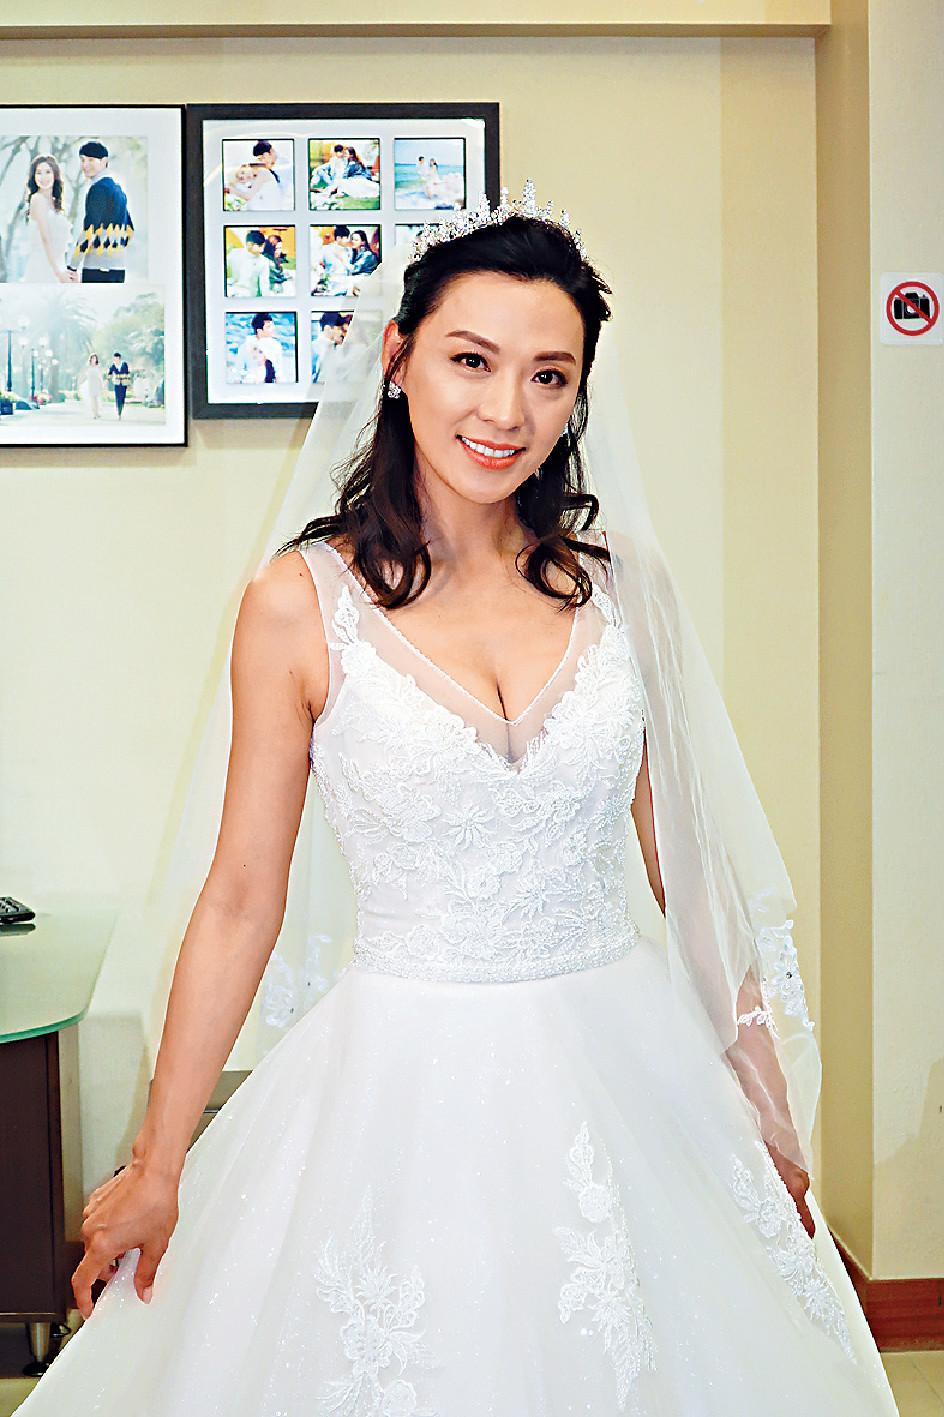 ■早前,蜜運中嘅陳煒拍攝《法證先峰IV》一場婚紗戲時,明艷照人。